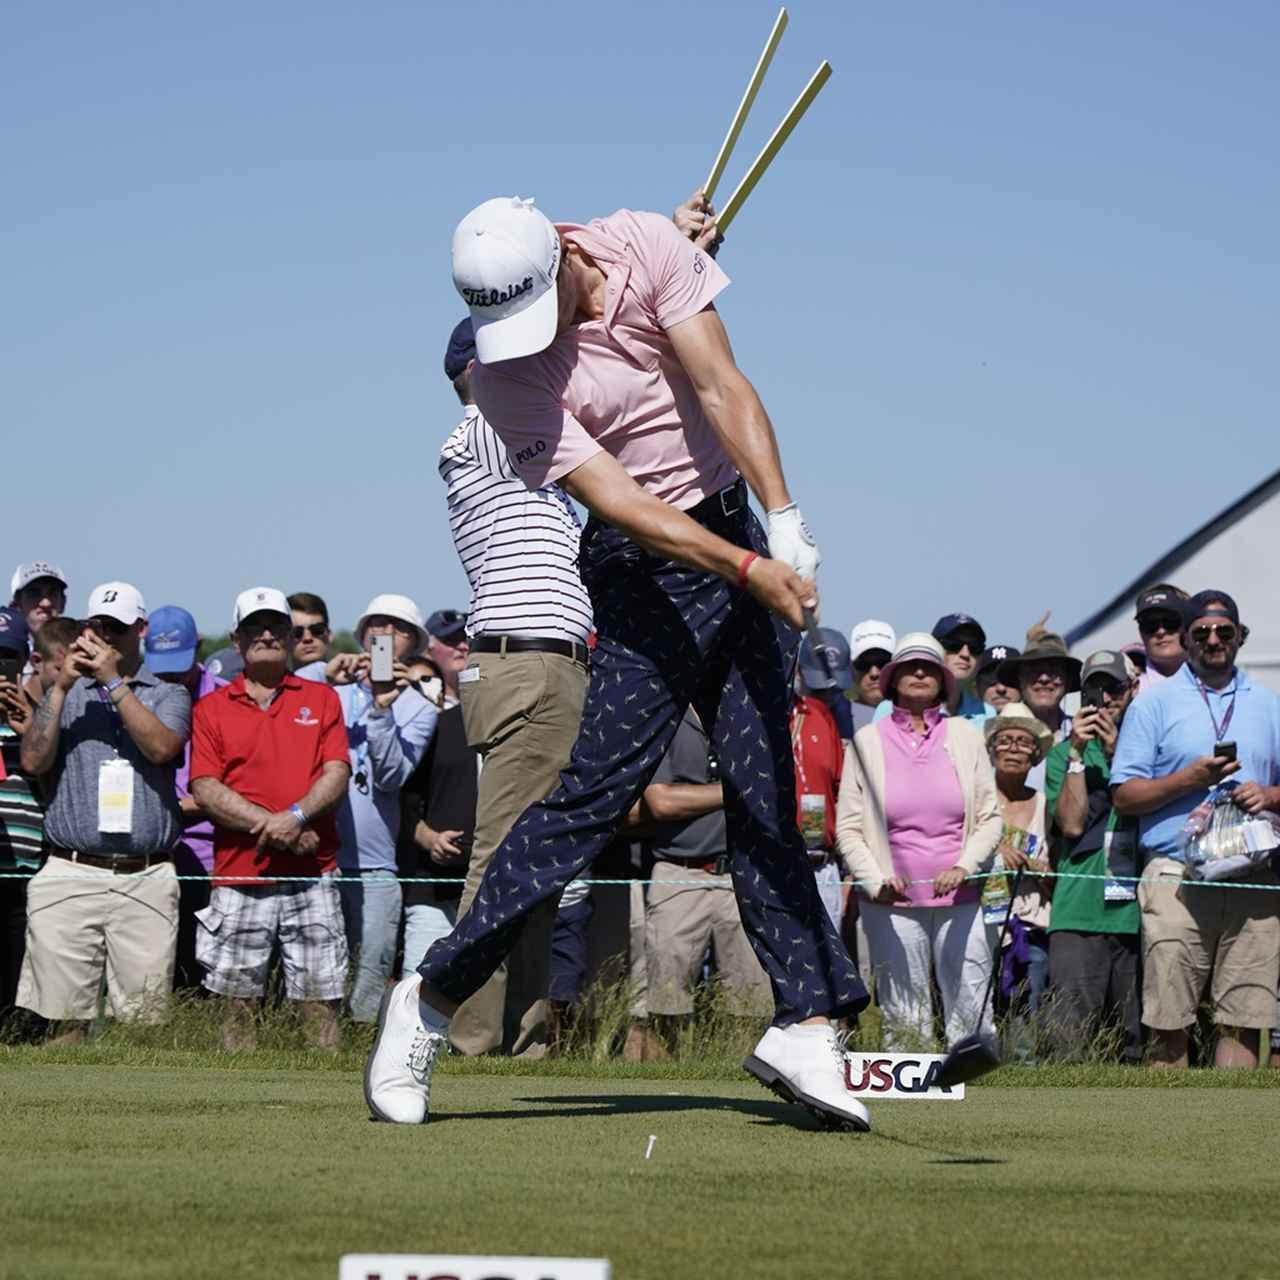 画像: ジャスティン・トーマスのように地面反力の動きを使うと、直線的な手元の動きをキープしたままスウィングできる(写真は2018年の全米オープン 撮影/岡沢裕行)